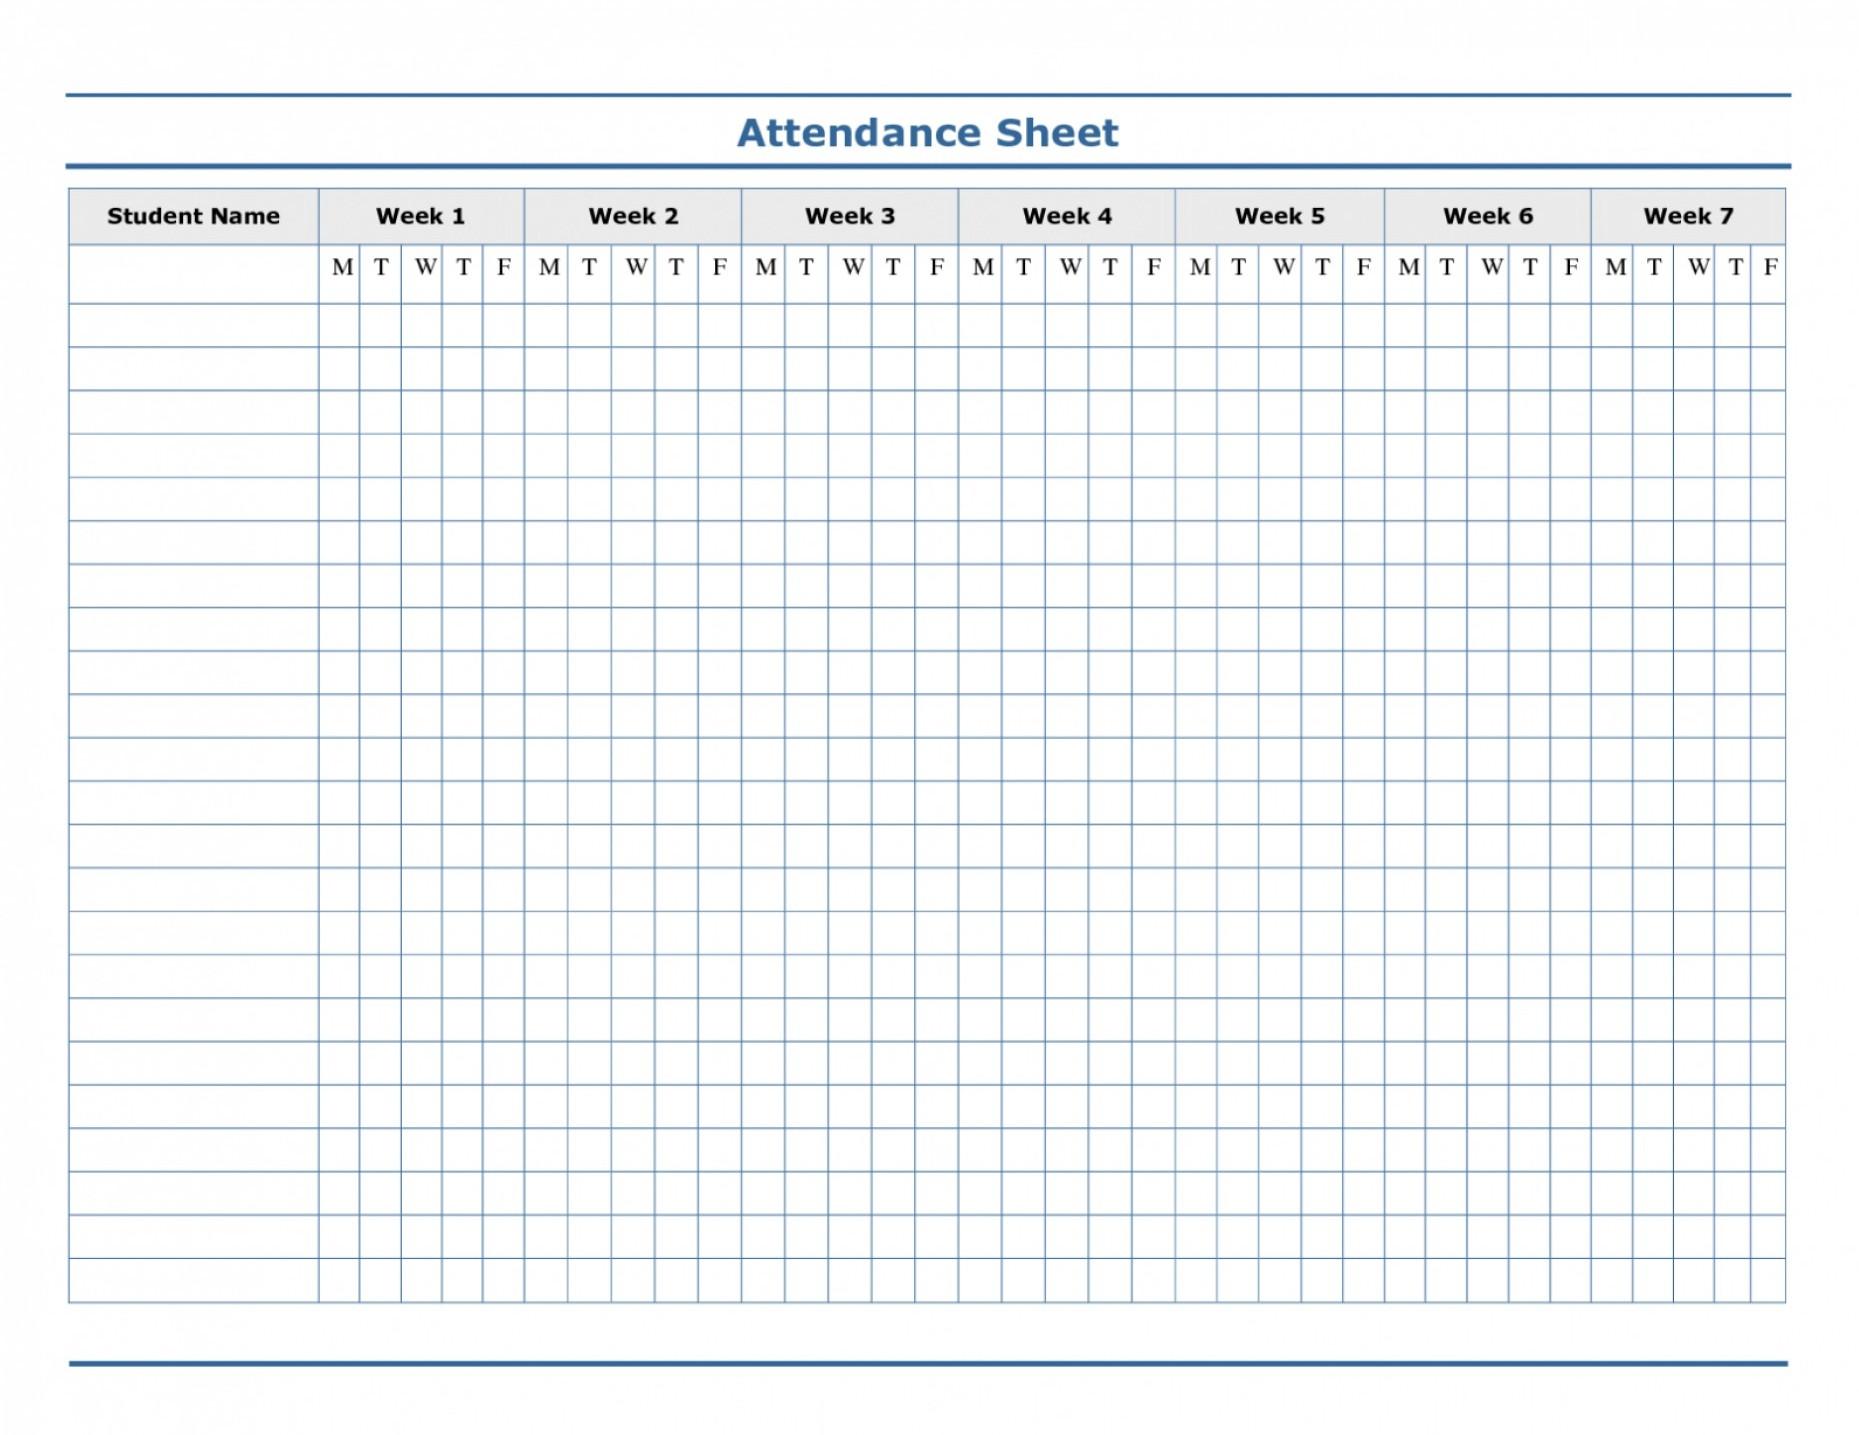 Employee Attendance Sheet Excel